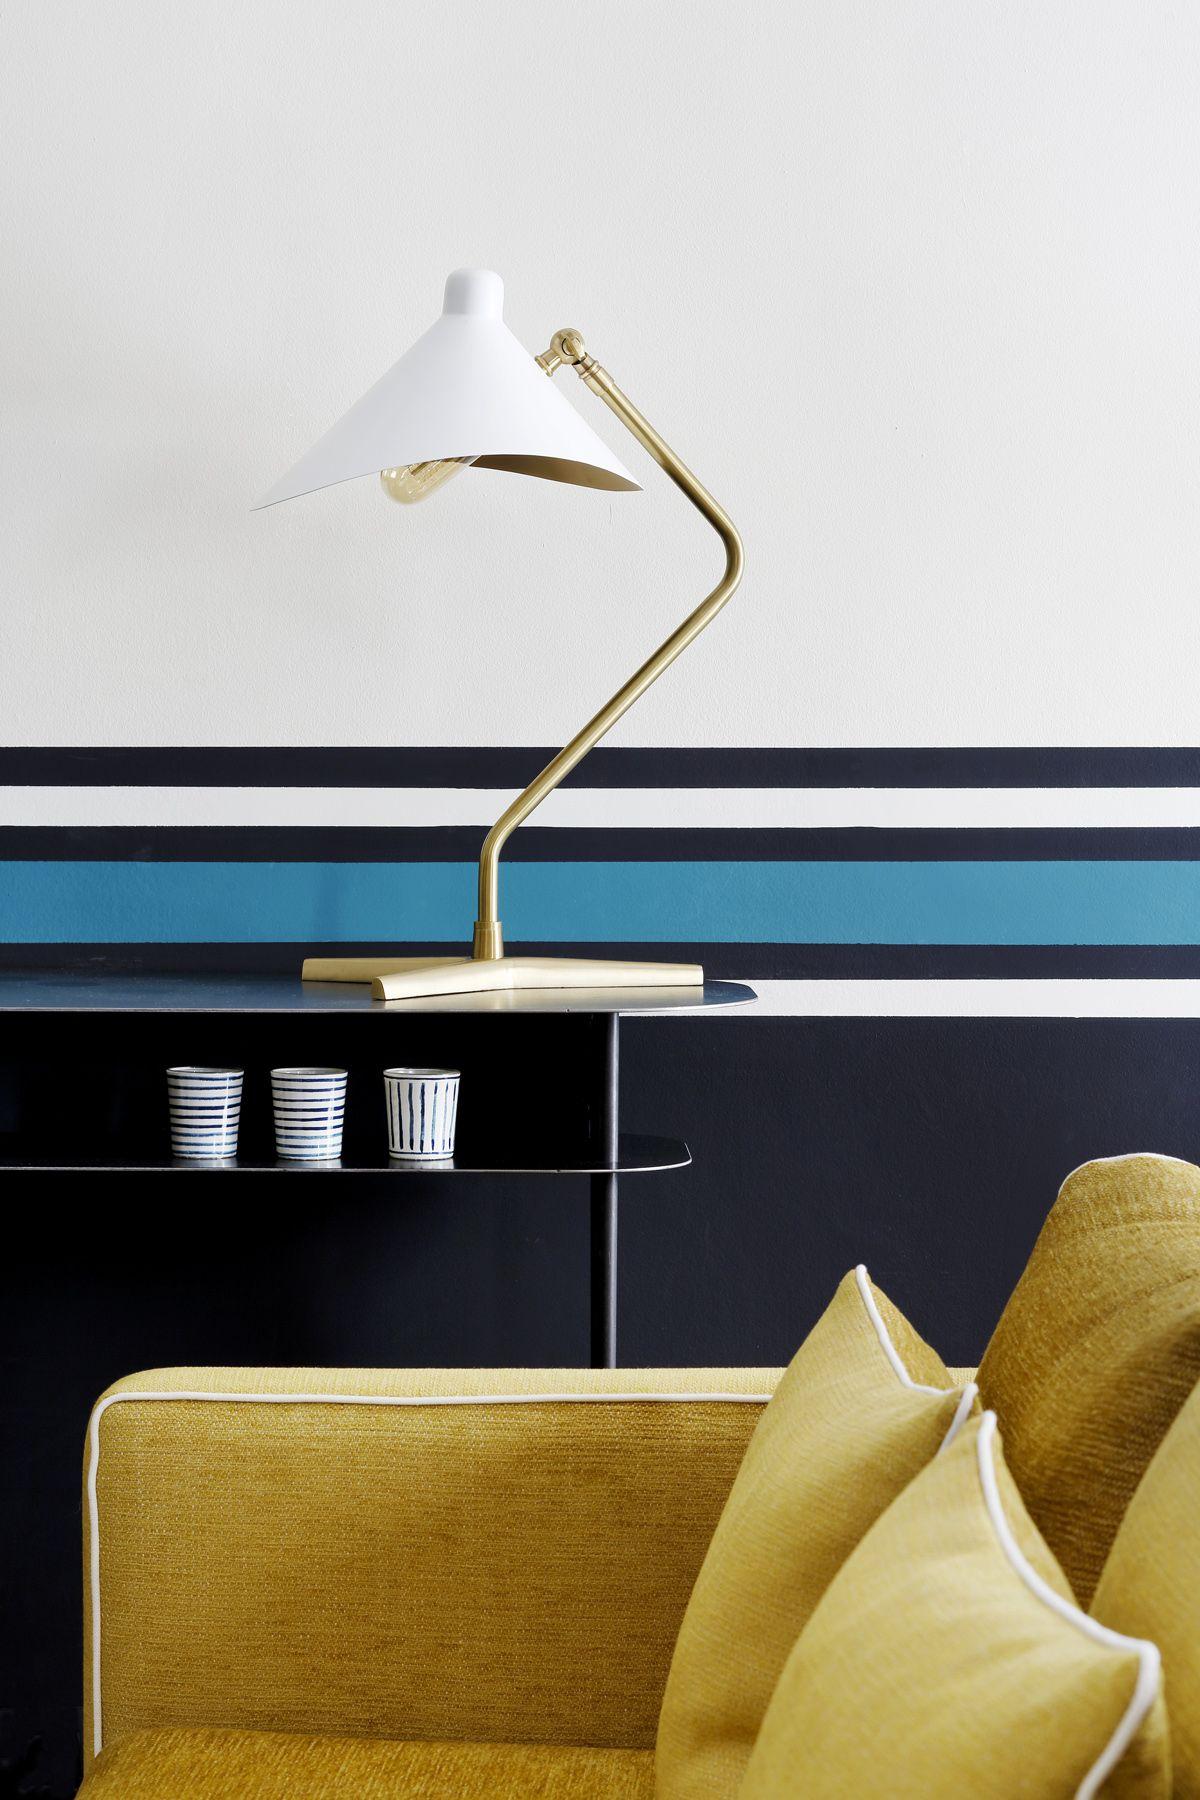 detail with lamp sarah lavoine sara lavoine pinterest sarah lavoine maison sarah. Black Bedroom Furniture Sets. Home Design Ideas